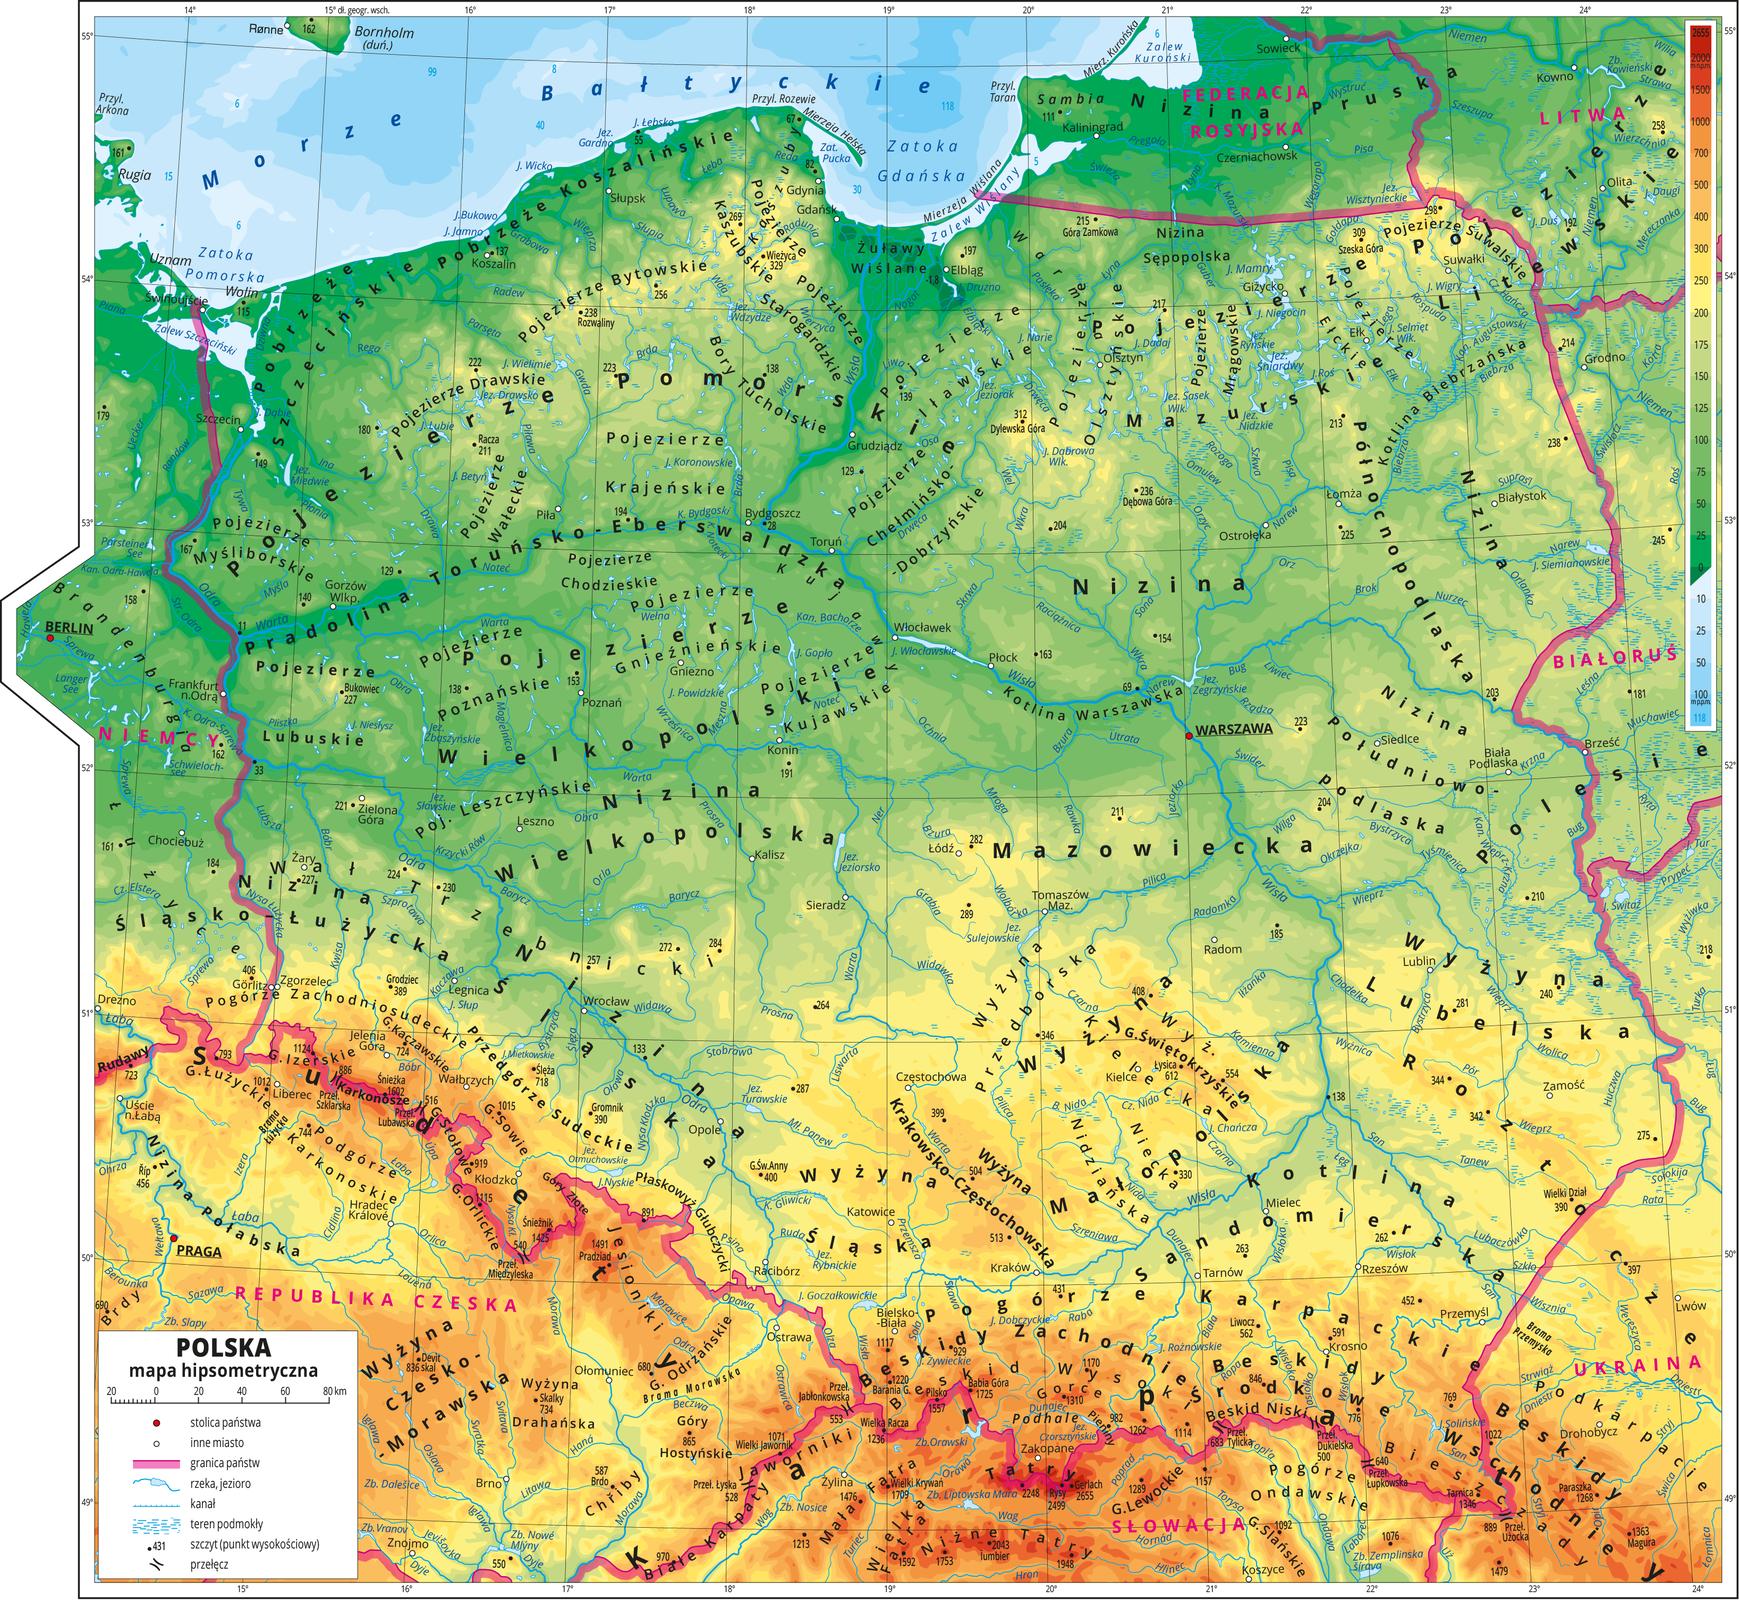 Ilustracja przedstawia mapę hipsometryczną Polski. Wobrębie lądów występują obszary wkolorze zielonym, żółtym, pomarańczowym iczerwonym. Na północy przeważają obszary wkolorze zielonym przechodzące ku południowi wkolor żółty ipomarańczowy aż do czerwonego. Morza zaznaczono kolorem niebieskim . Na mapie opisano nazwy półwyspów, wysp, głównych nizin, wyżyn ipasm górskich, morza, zatok, zalewów, rzek ijezior. Na obszarze morza wwybranych miejscach opisano głębokości. Oznaczono białymi kropkami iopisano główne miasta, stolicę – Warszawę wyróżniono czerwoną kropką. Berlin iPragę również oznaczono wten sposób. Oznaczono czarnymi kropkami iopisano szczyty górskie. Różową wstążką oznaczono granice państw. Kolorem czerwonym opisano państwa sąsiadujące zPolską.Mapa pokryta jest równoleżnikami ipołudnikami. Dookoła mapy wbiałej ramce opisano współrzędne geograficzne co jeden stopień.Po prawej stronie mapy na górze wlegendzie umieszczono prostokątny pionowy pasek. Pasek podzielono na dwadzieścia trzy części. Ugóry – czerwony iciemnopomarańczowy, dalej pomarańczowy, jasnopomarańczowy iżółty, jasnozielony iciemnozielony, kolejno jasnoniebieski do ciemnoniebieskiego. Opisano izohipsy od zero metrów (poziom morza)do dwóch tysięcy metrów powyżej poziomu morza – wobrębie kolorów zielonych co dwadzieścia pięć metrów, wobrębie kolorów żółtych co pięćdziesiąt metrów, wobrębie kolorów pomarańczowych co sto, dwieście, trzysta ipięćset metrów. Wobrębie kolorów czerwonych opisano izohipsy tysiąc pięćset metrów nad poziomem morza idwa tysiące metrów nad poziomem morza.Na dole paska odcieniami koloru niebieskiego oznaczono głębokości mórz iopisano izobaty: dziesięć metrów poniżej poziomu morza, dwadzieścia pięć metrów poniżej poziomu morza, pięćdziesiąt metrów poniżej poziomu morza, sto metrów poniżej poziomu morza.Po lewej stronie mapy na dole wlegendzie umieszczono iopisano znaki użyte na mapie. Miasta oznaczono białą kropką, stolice – czerwoną kropką, granice państw – różową wstążką. Rzeki